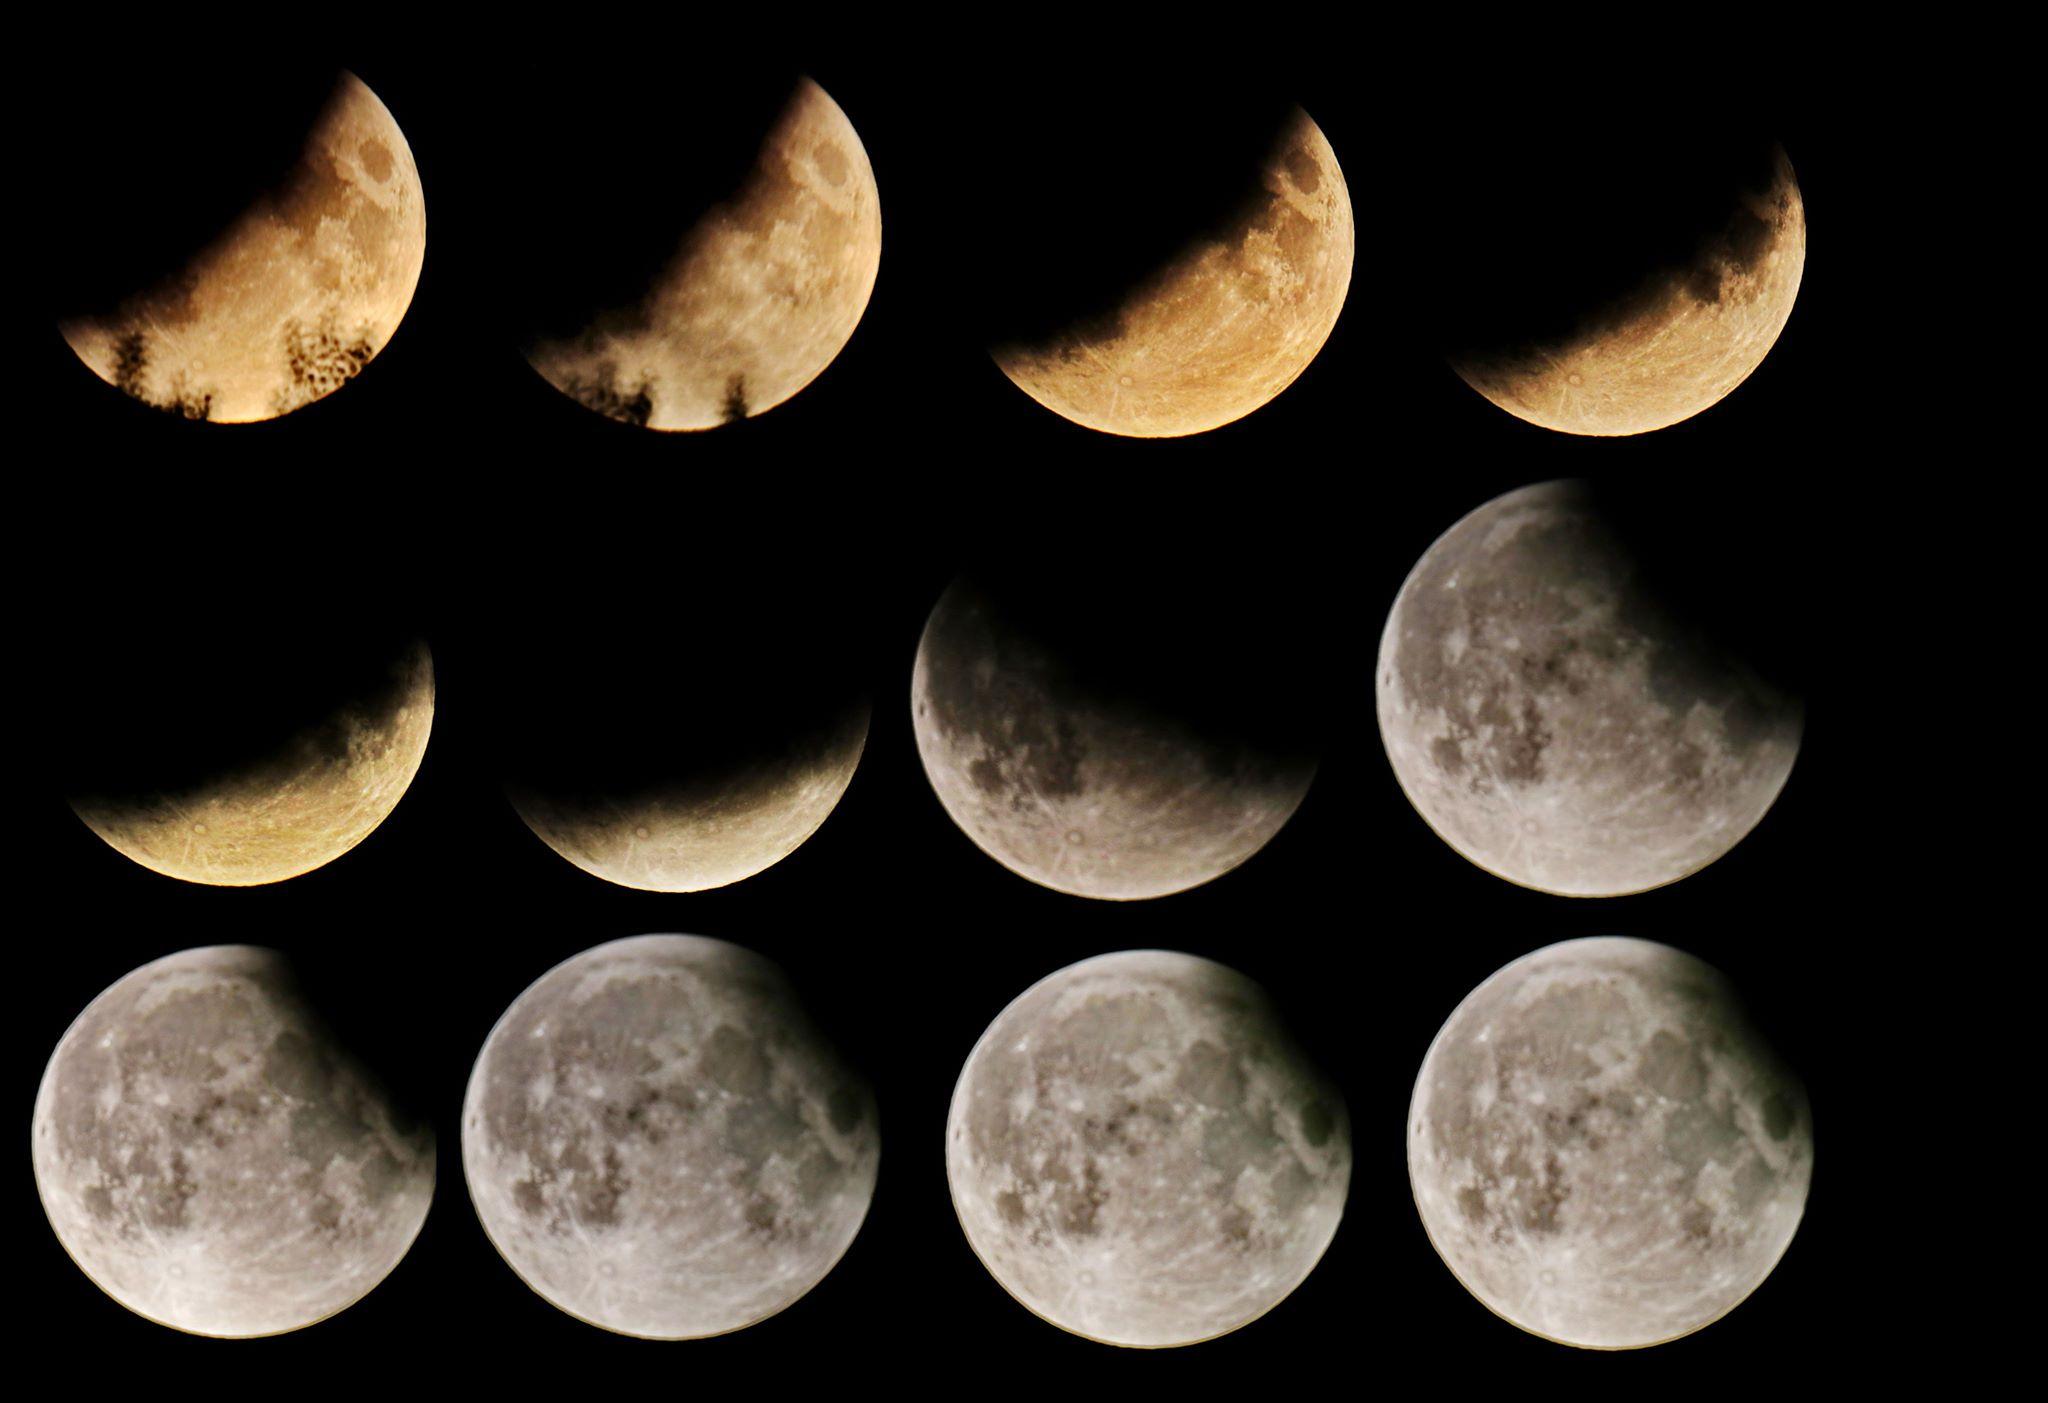 Gedeeltelijke maansverduistering vanuit de Volkssterrenwacht gefotografeerd - De verschillende fases van de gedeeltelijke maansverduistering - foto © Theo Mulder